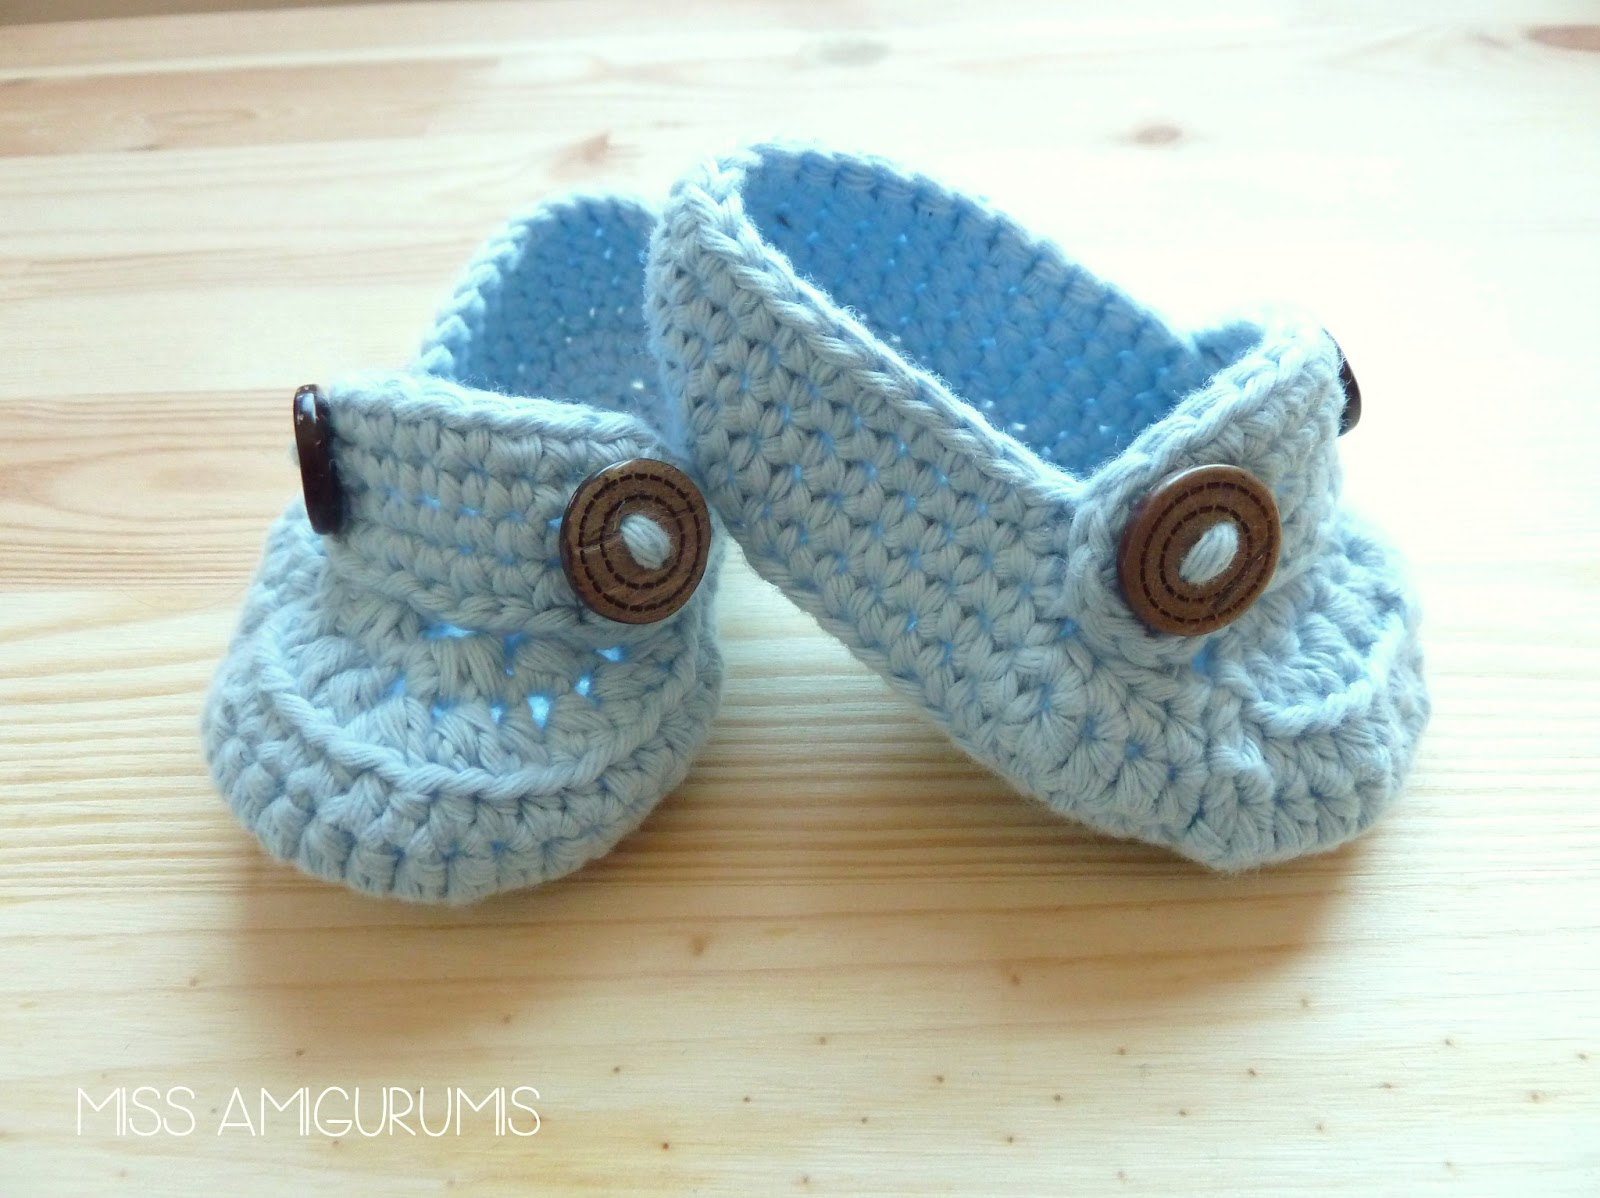 Crochet Tutorial Zapatitos Bebe : viajE a Espa?a y tuve la oportunidad de regalarle estos zapatitos ...